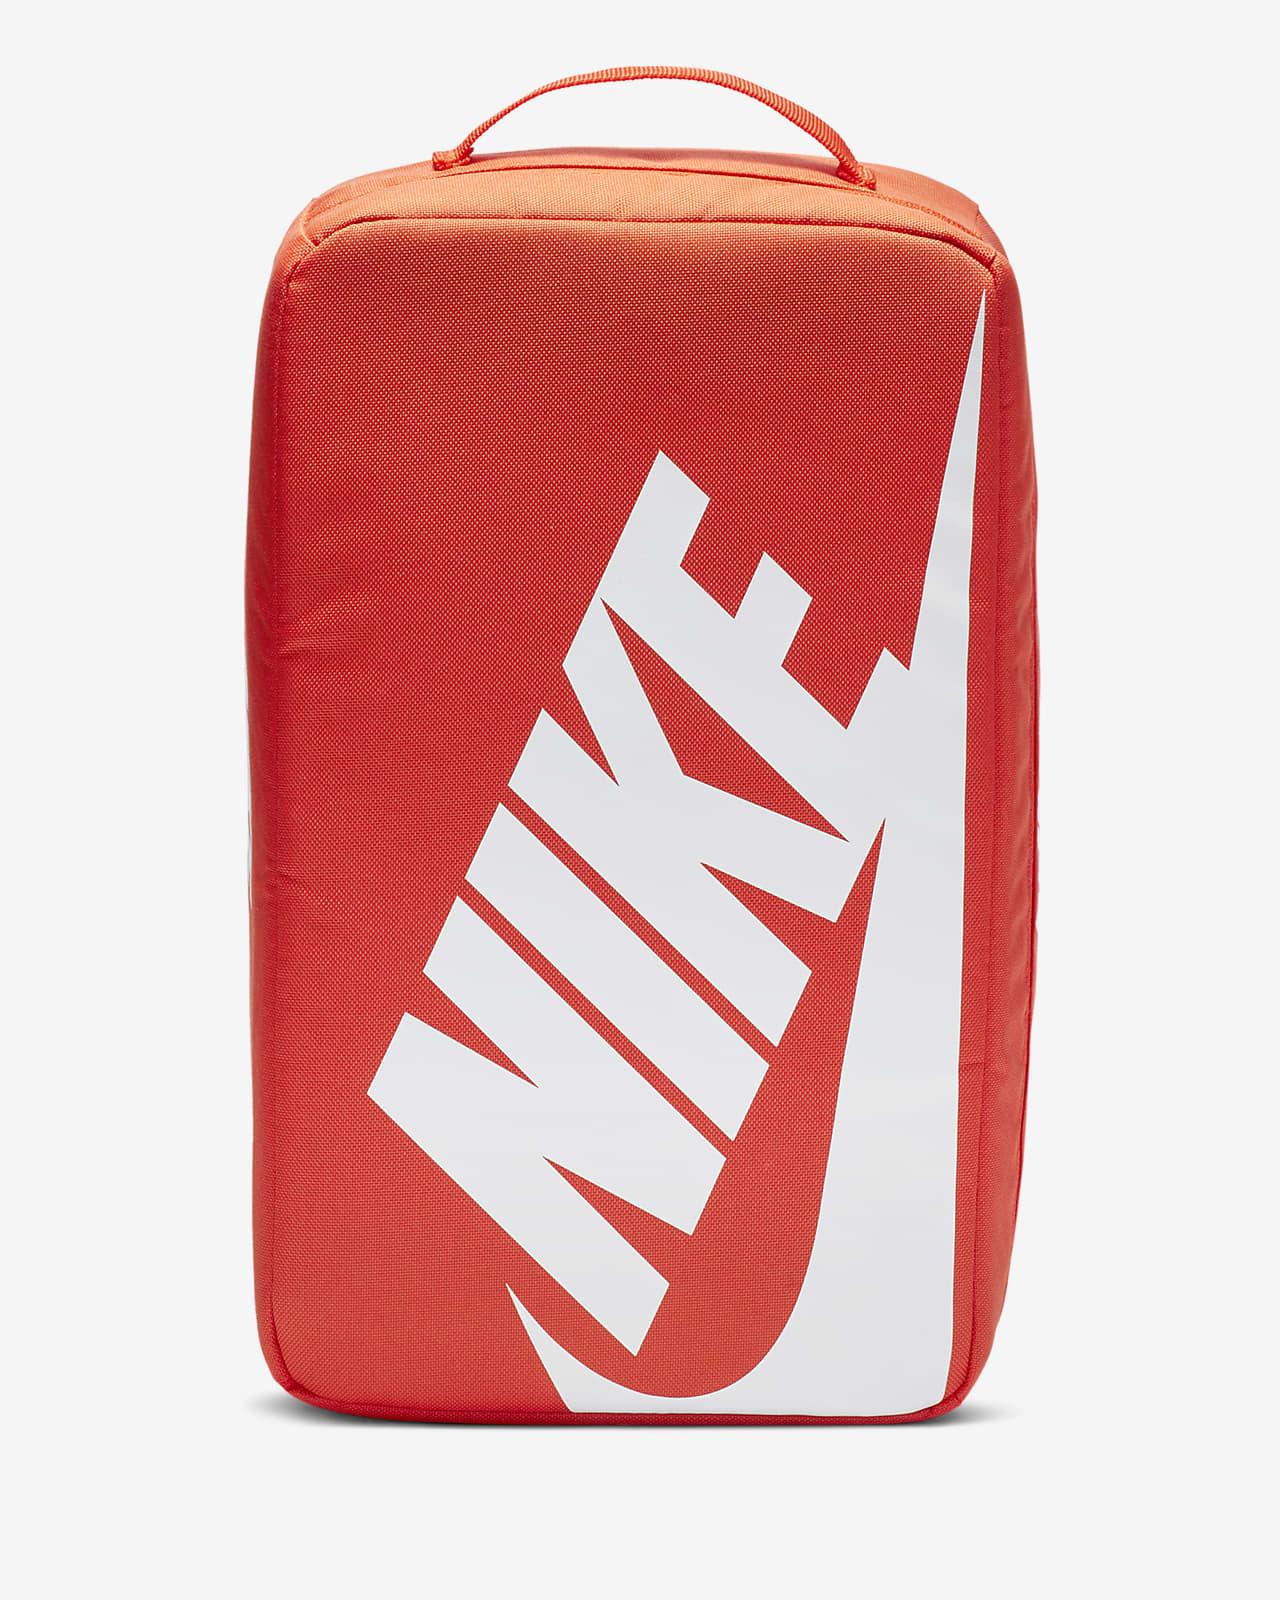 กระเป๋า Nike Shoebox